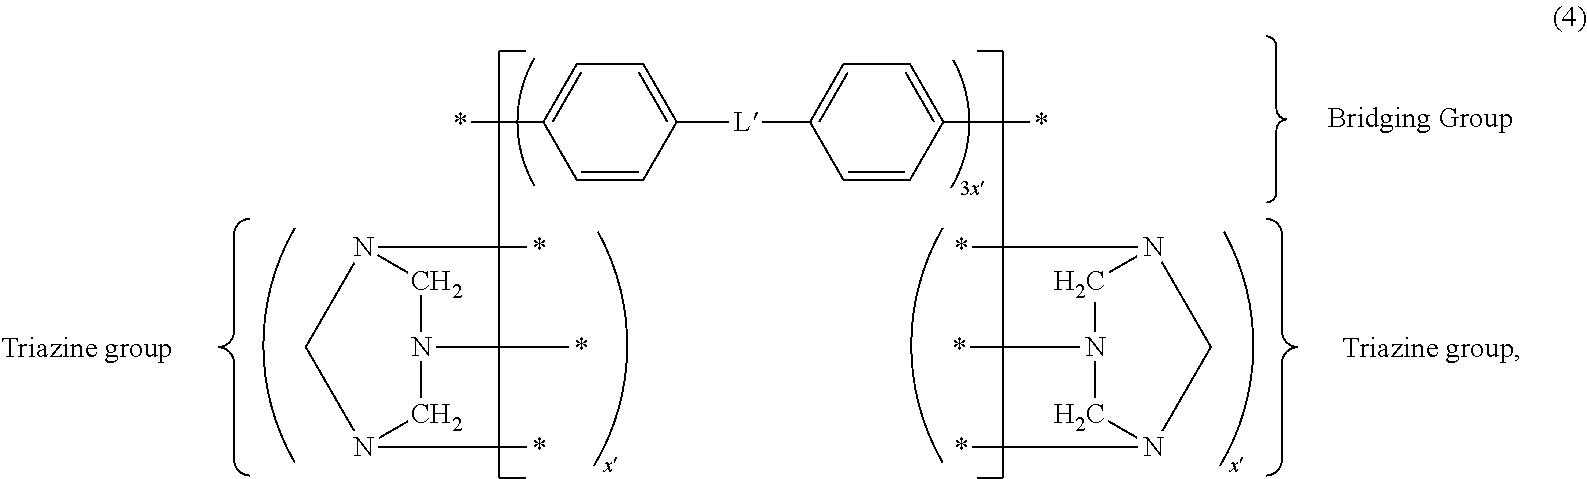 Figure US09599560-20170321-C00006